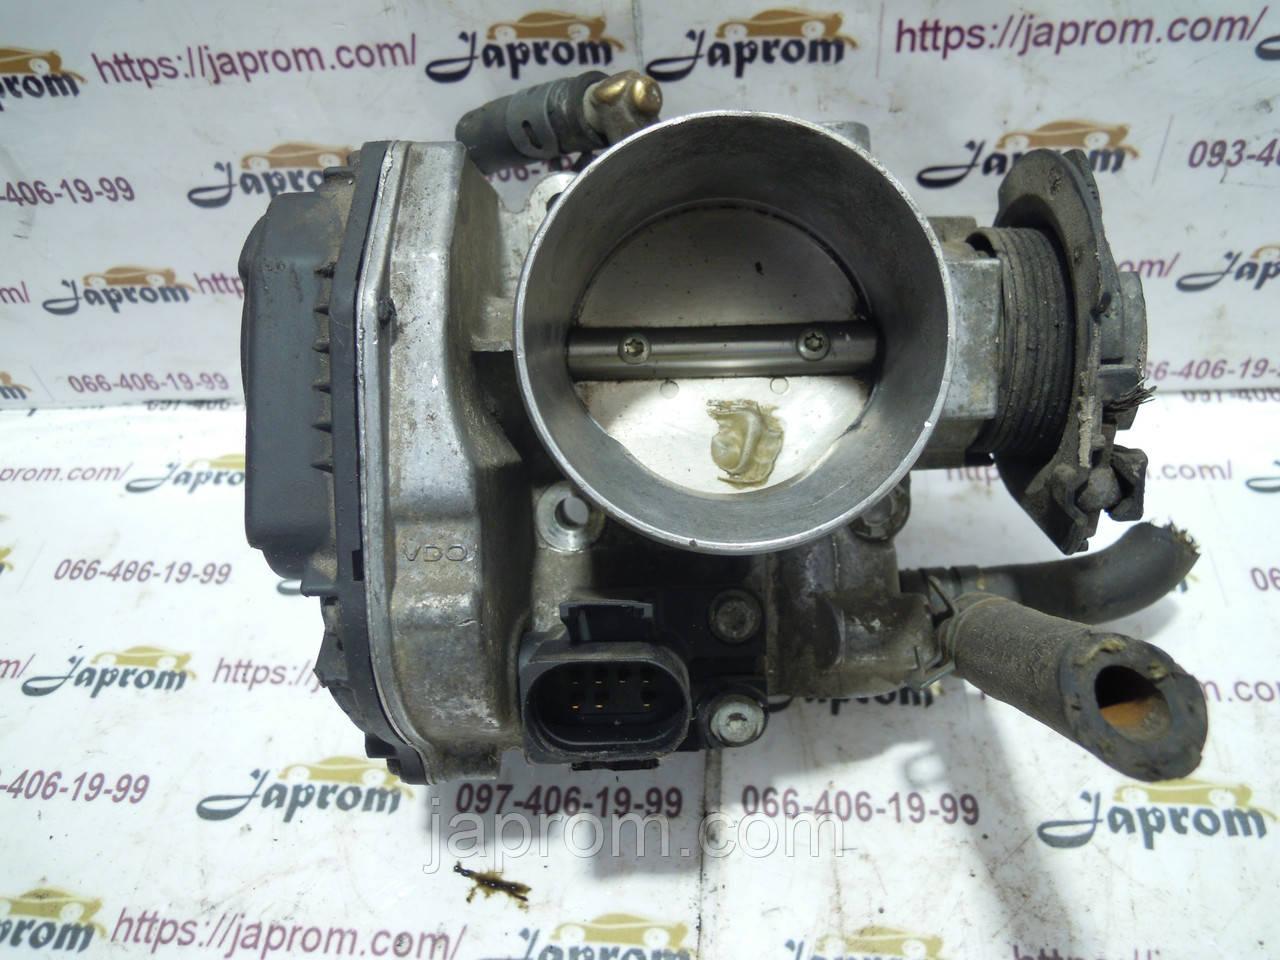 Дроссельная заслонка Skoda Octavia Seat Volkswagen Golf IV V Jetta IV 1998-2011г.в. 2.0 бензин